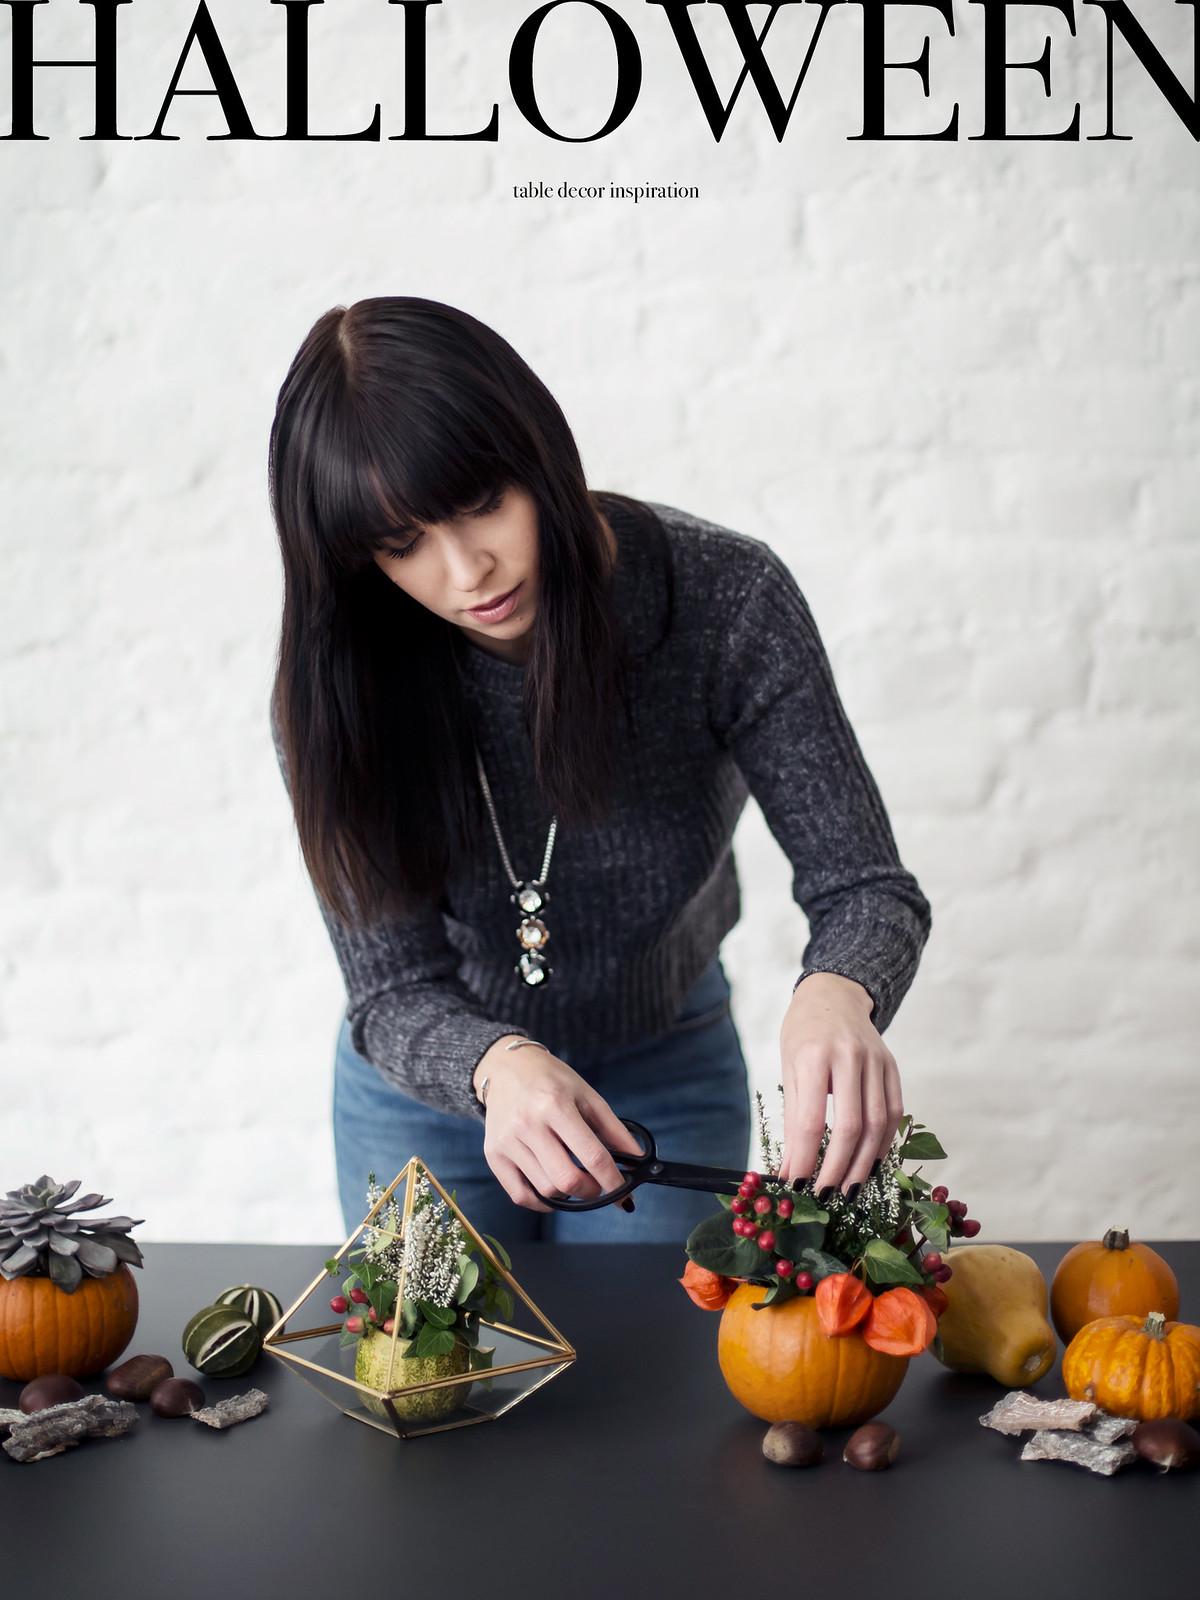 1000 gute gründe initiative pflanzen heide kürbis pumpkin pflanztöpfe gesteck halloween tischdekoration plant dinner style diy lifestyle modeblog germanblogger fashionblogger cats & dogs ricarda schernus 3